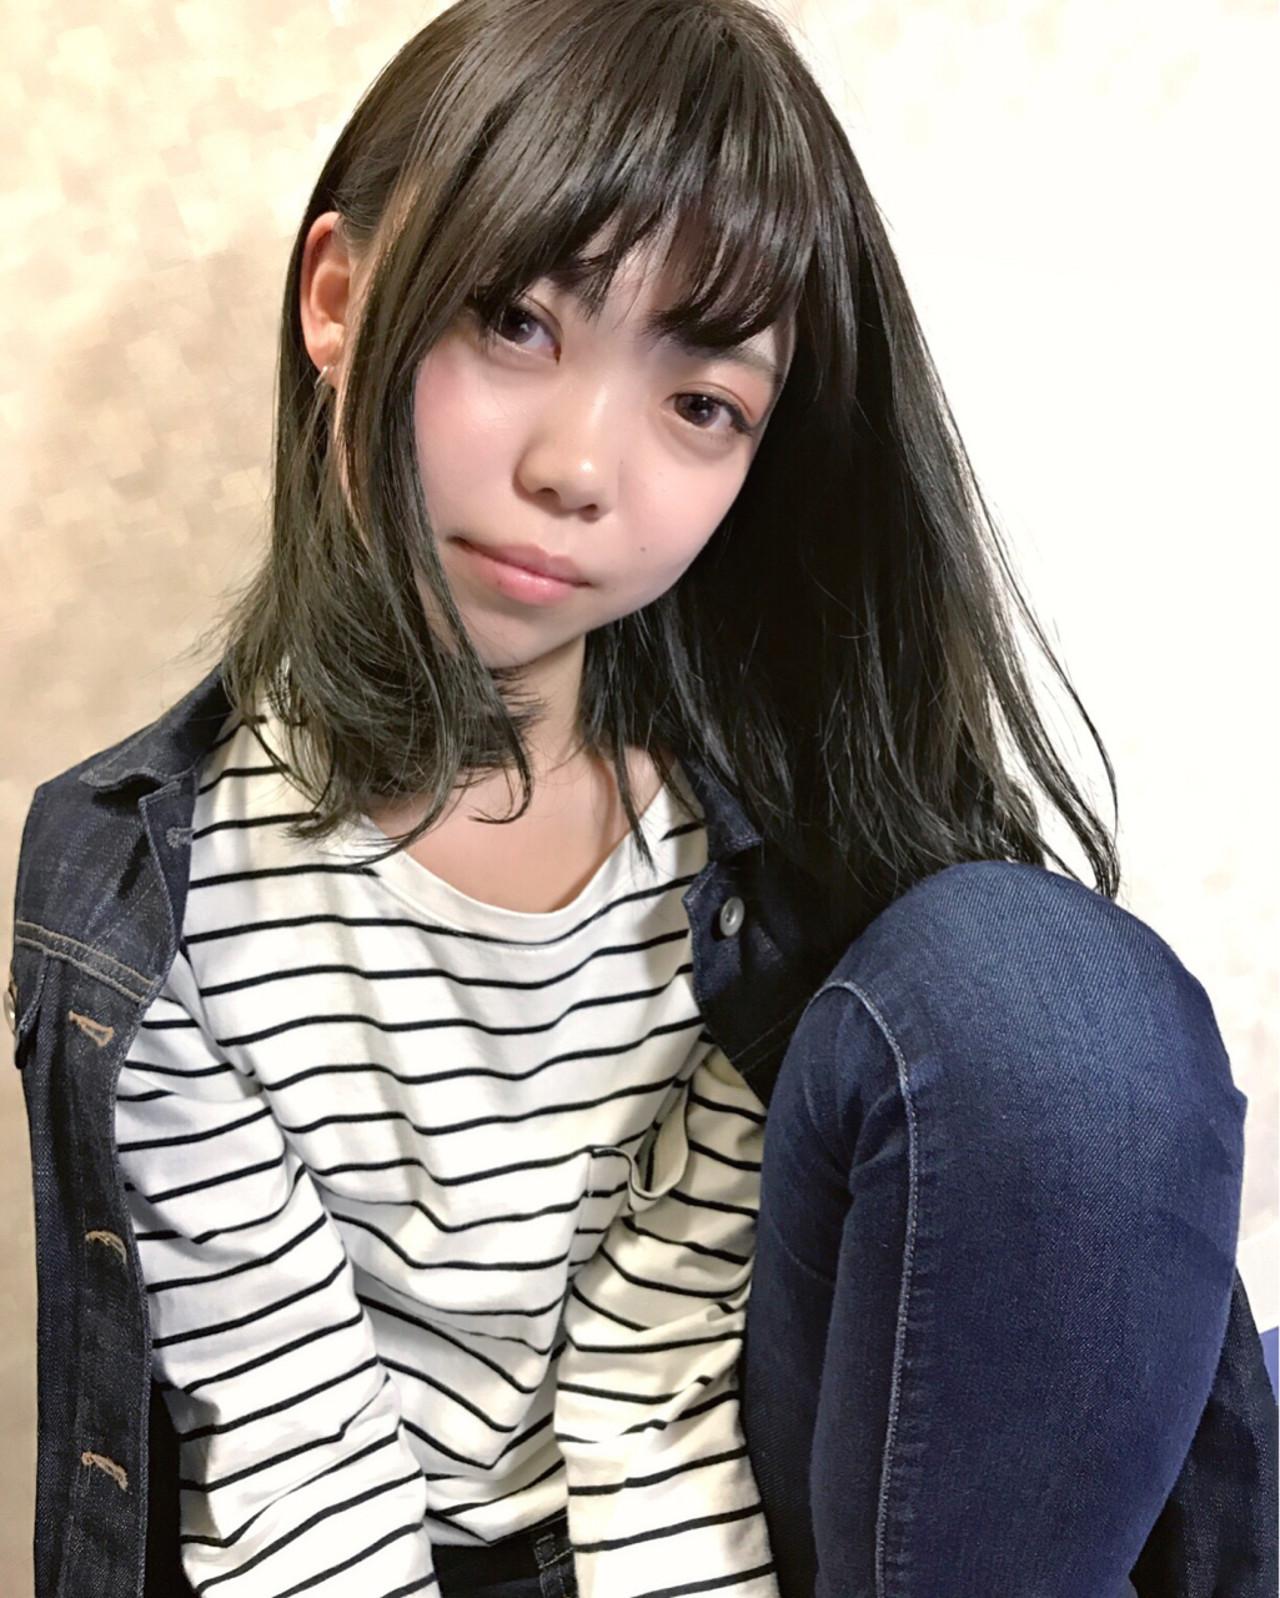 ボブ 色気 前髪あり フリンジバング ヘアスタイルや髪型の写真・画像 | 阿部 豪 / KiRANA SENDAI